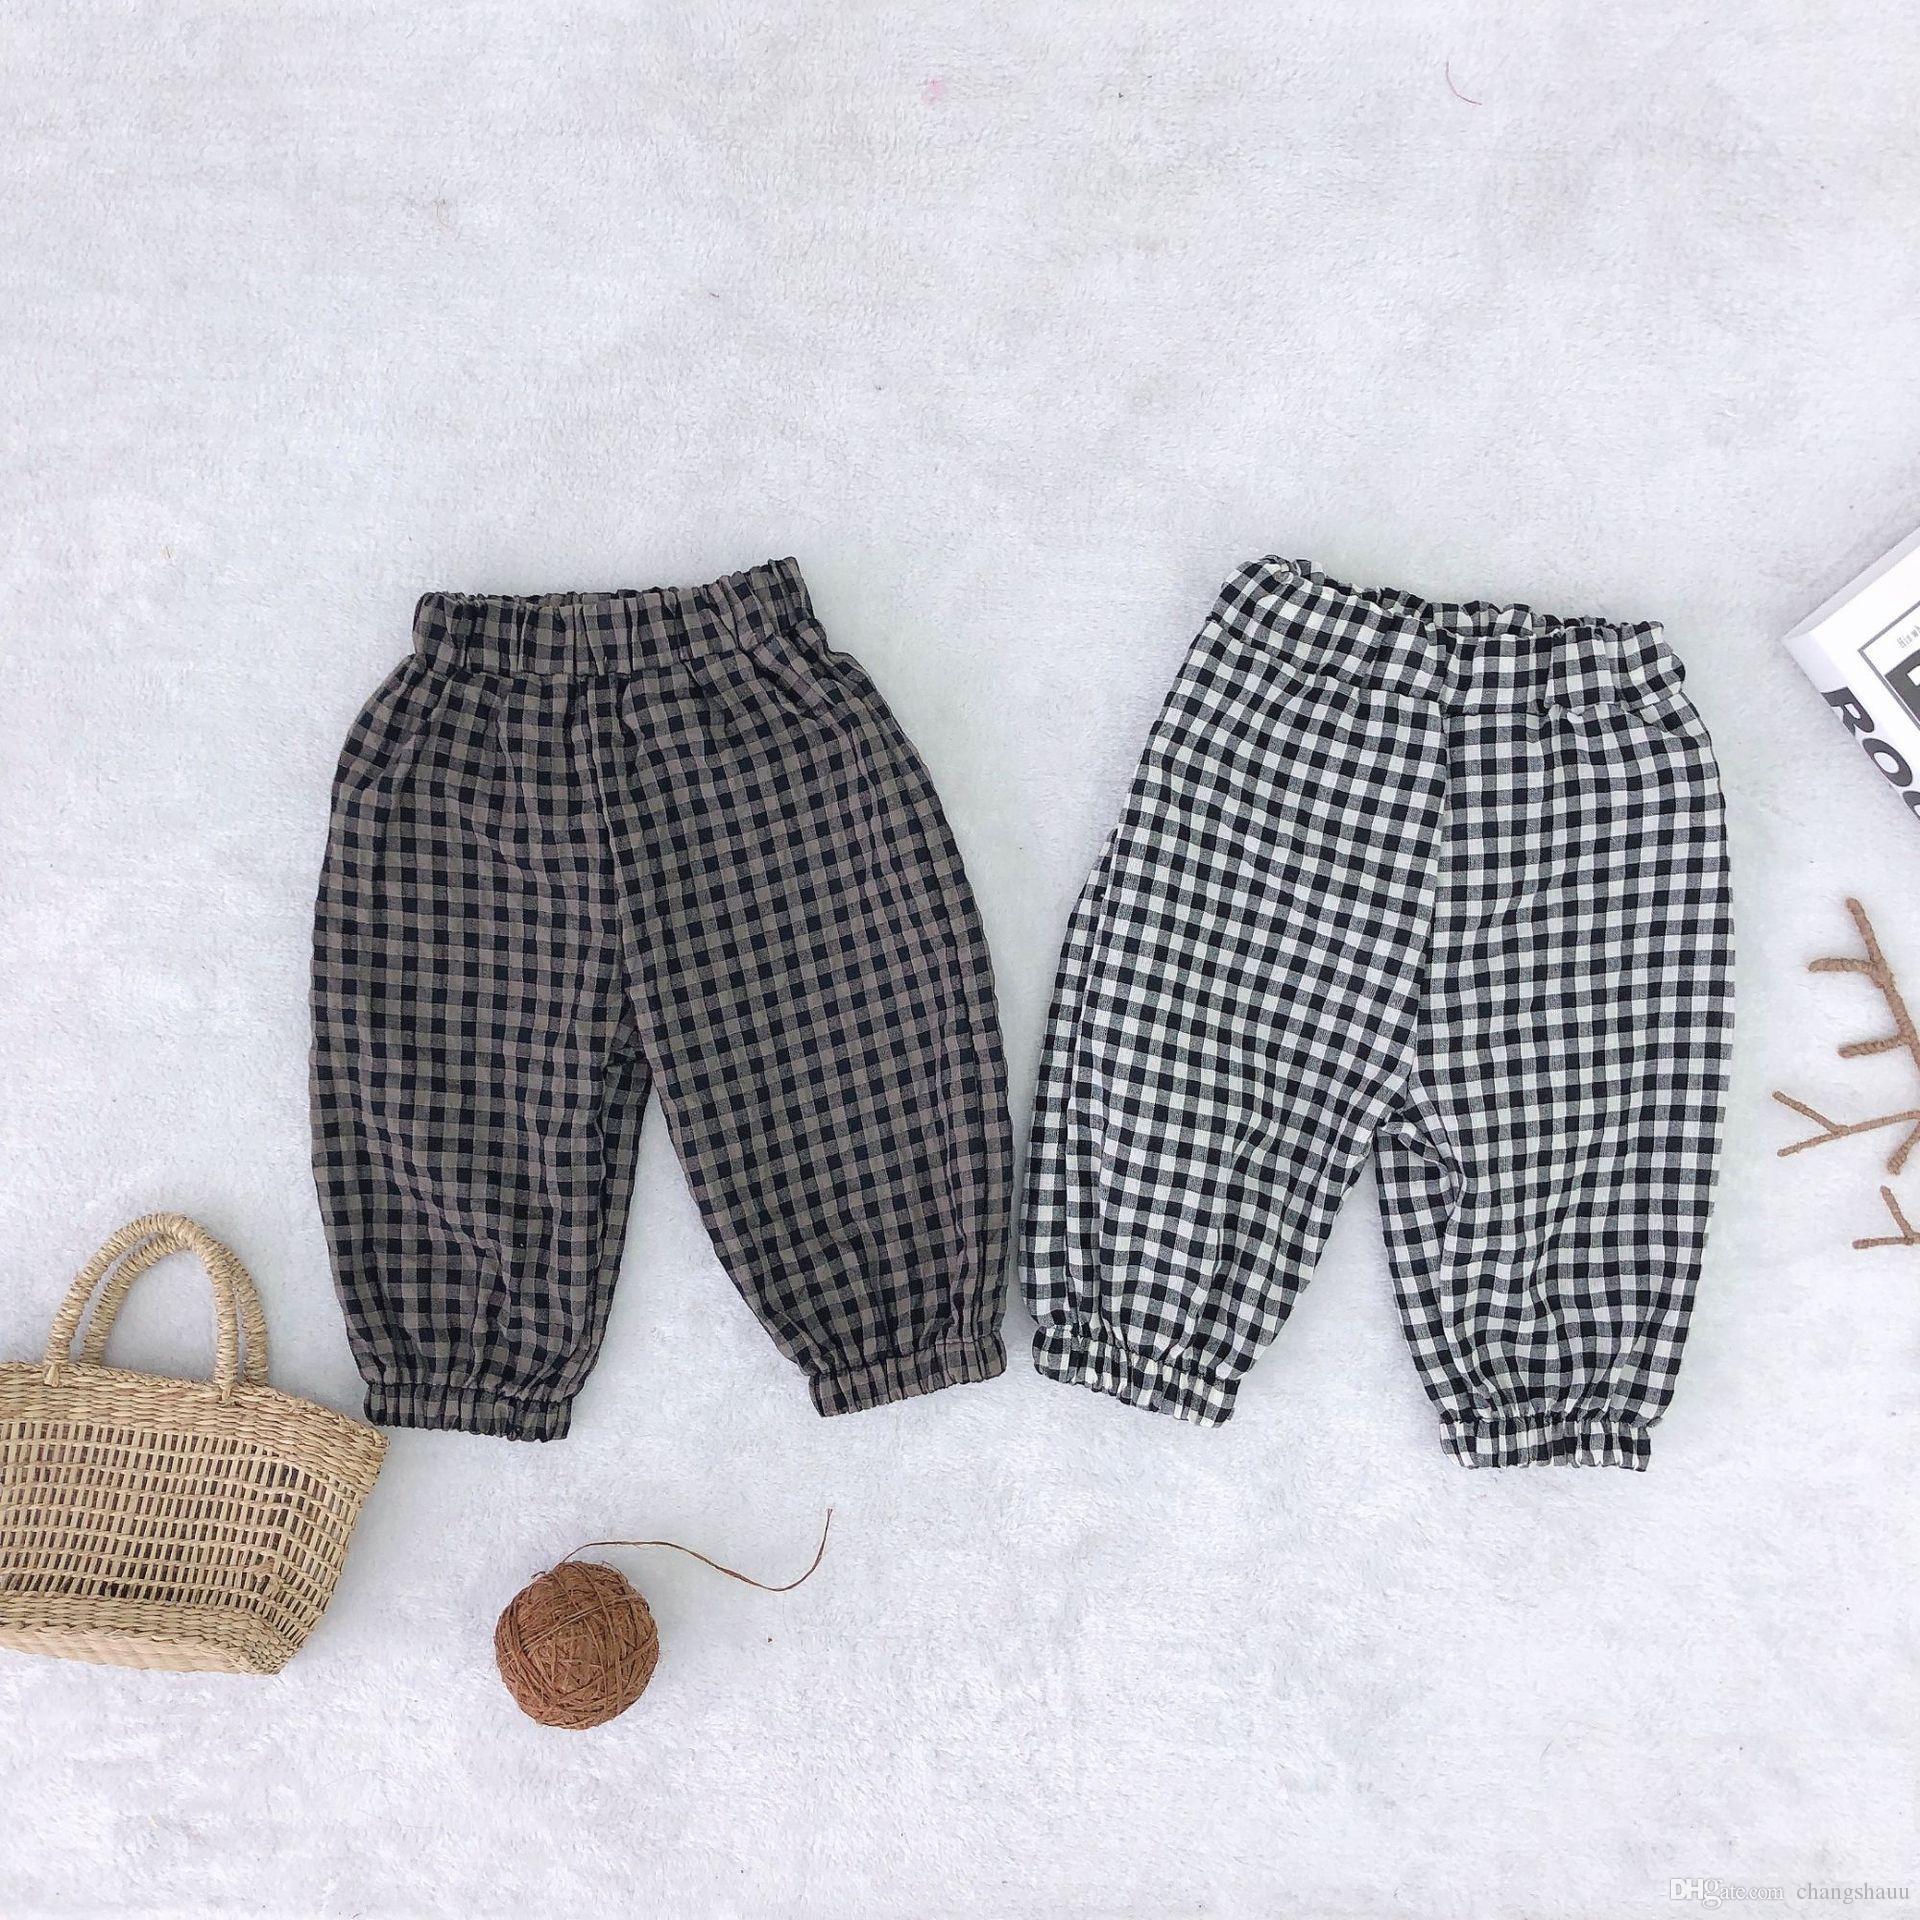 İlkbahar Sonbahar erkek kız pamuk ekose rahat pantolon 1-5 yıl çocuk Anti-sivrisinek pantolon ayak bileği bantlı pantolon